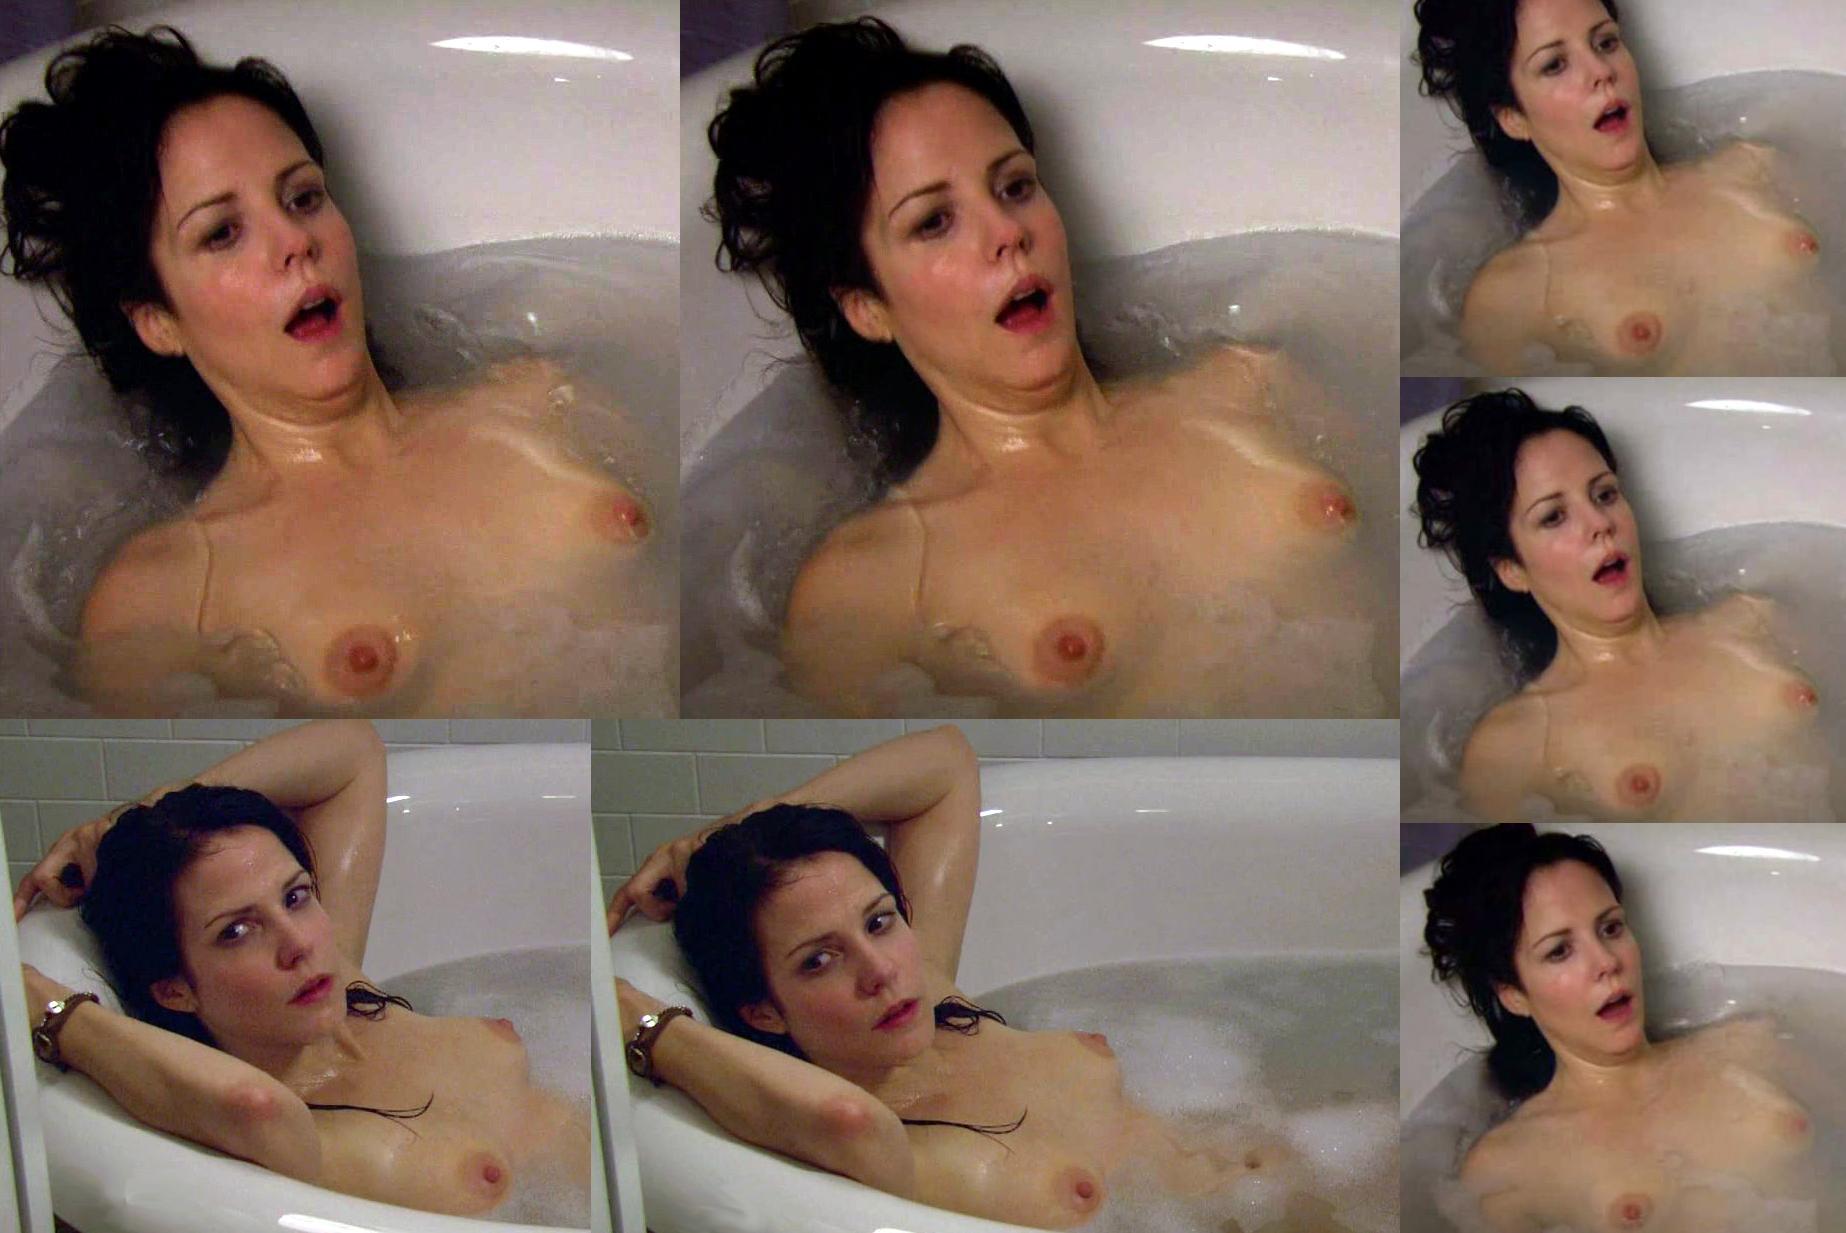 Arika ames nude